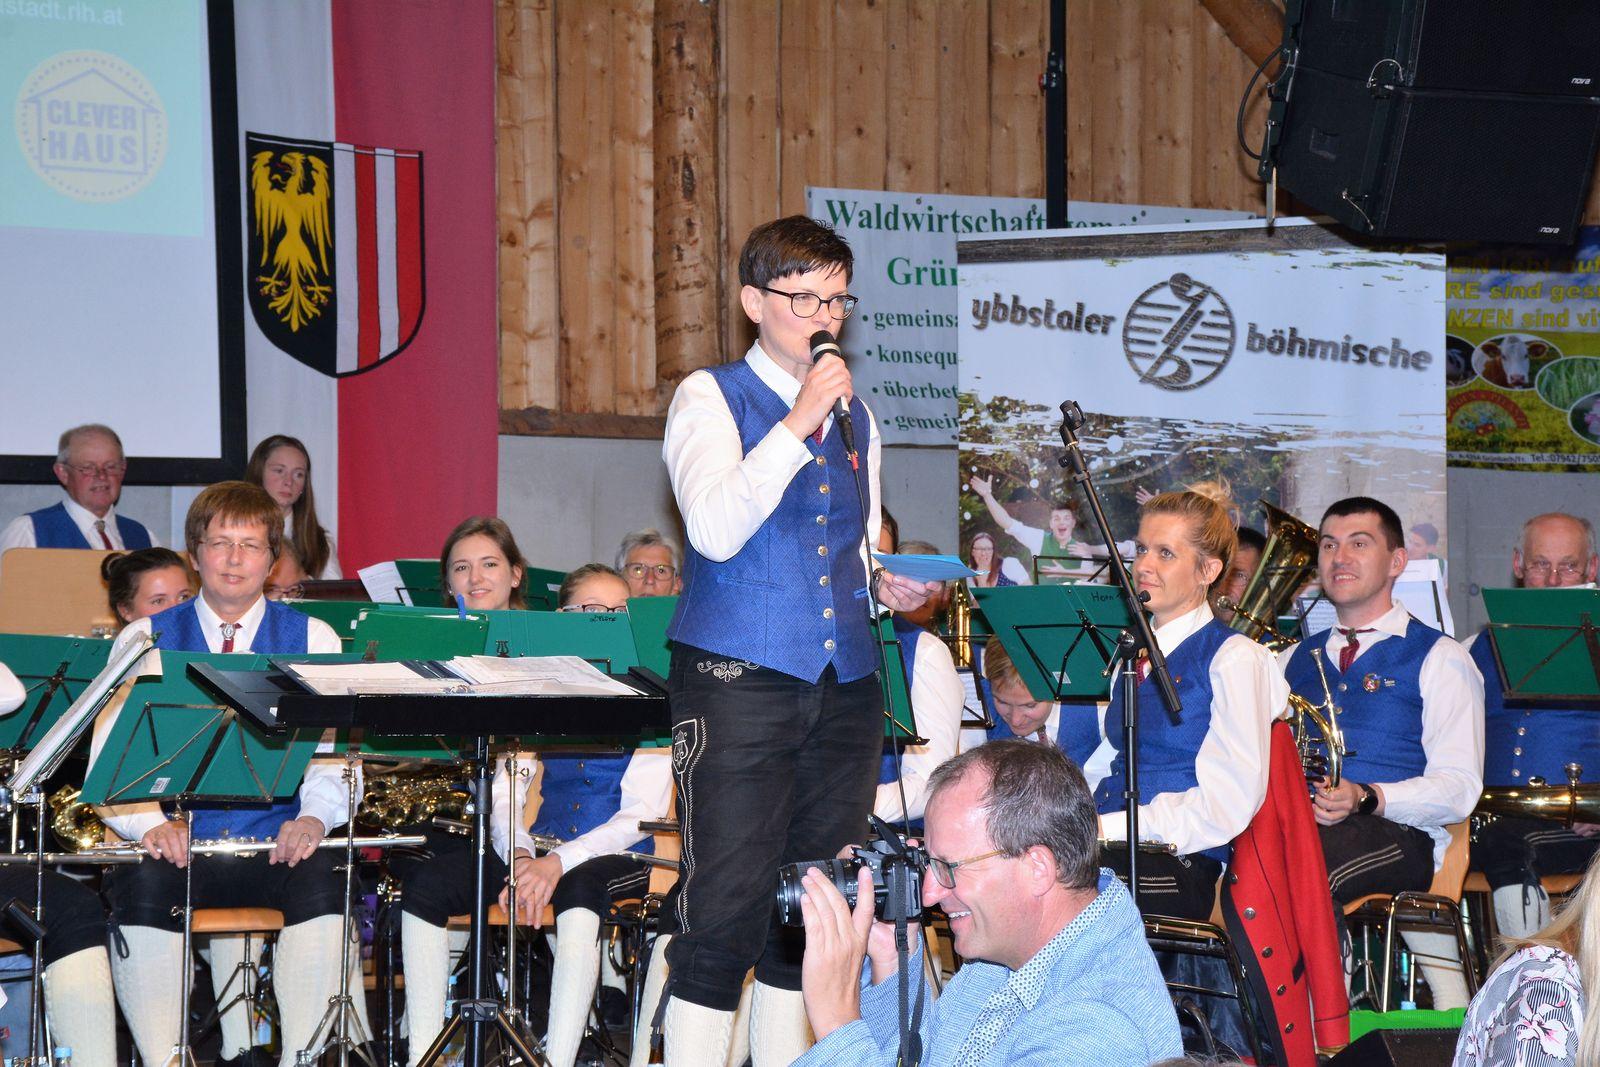 23.08.2019 - Dämmerschoppen Dorffest Grünbach - 19G_0722_kl